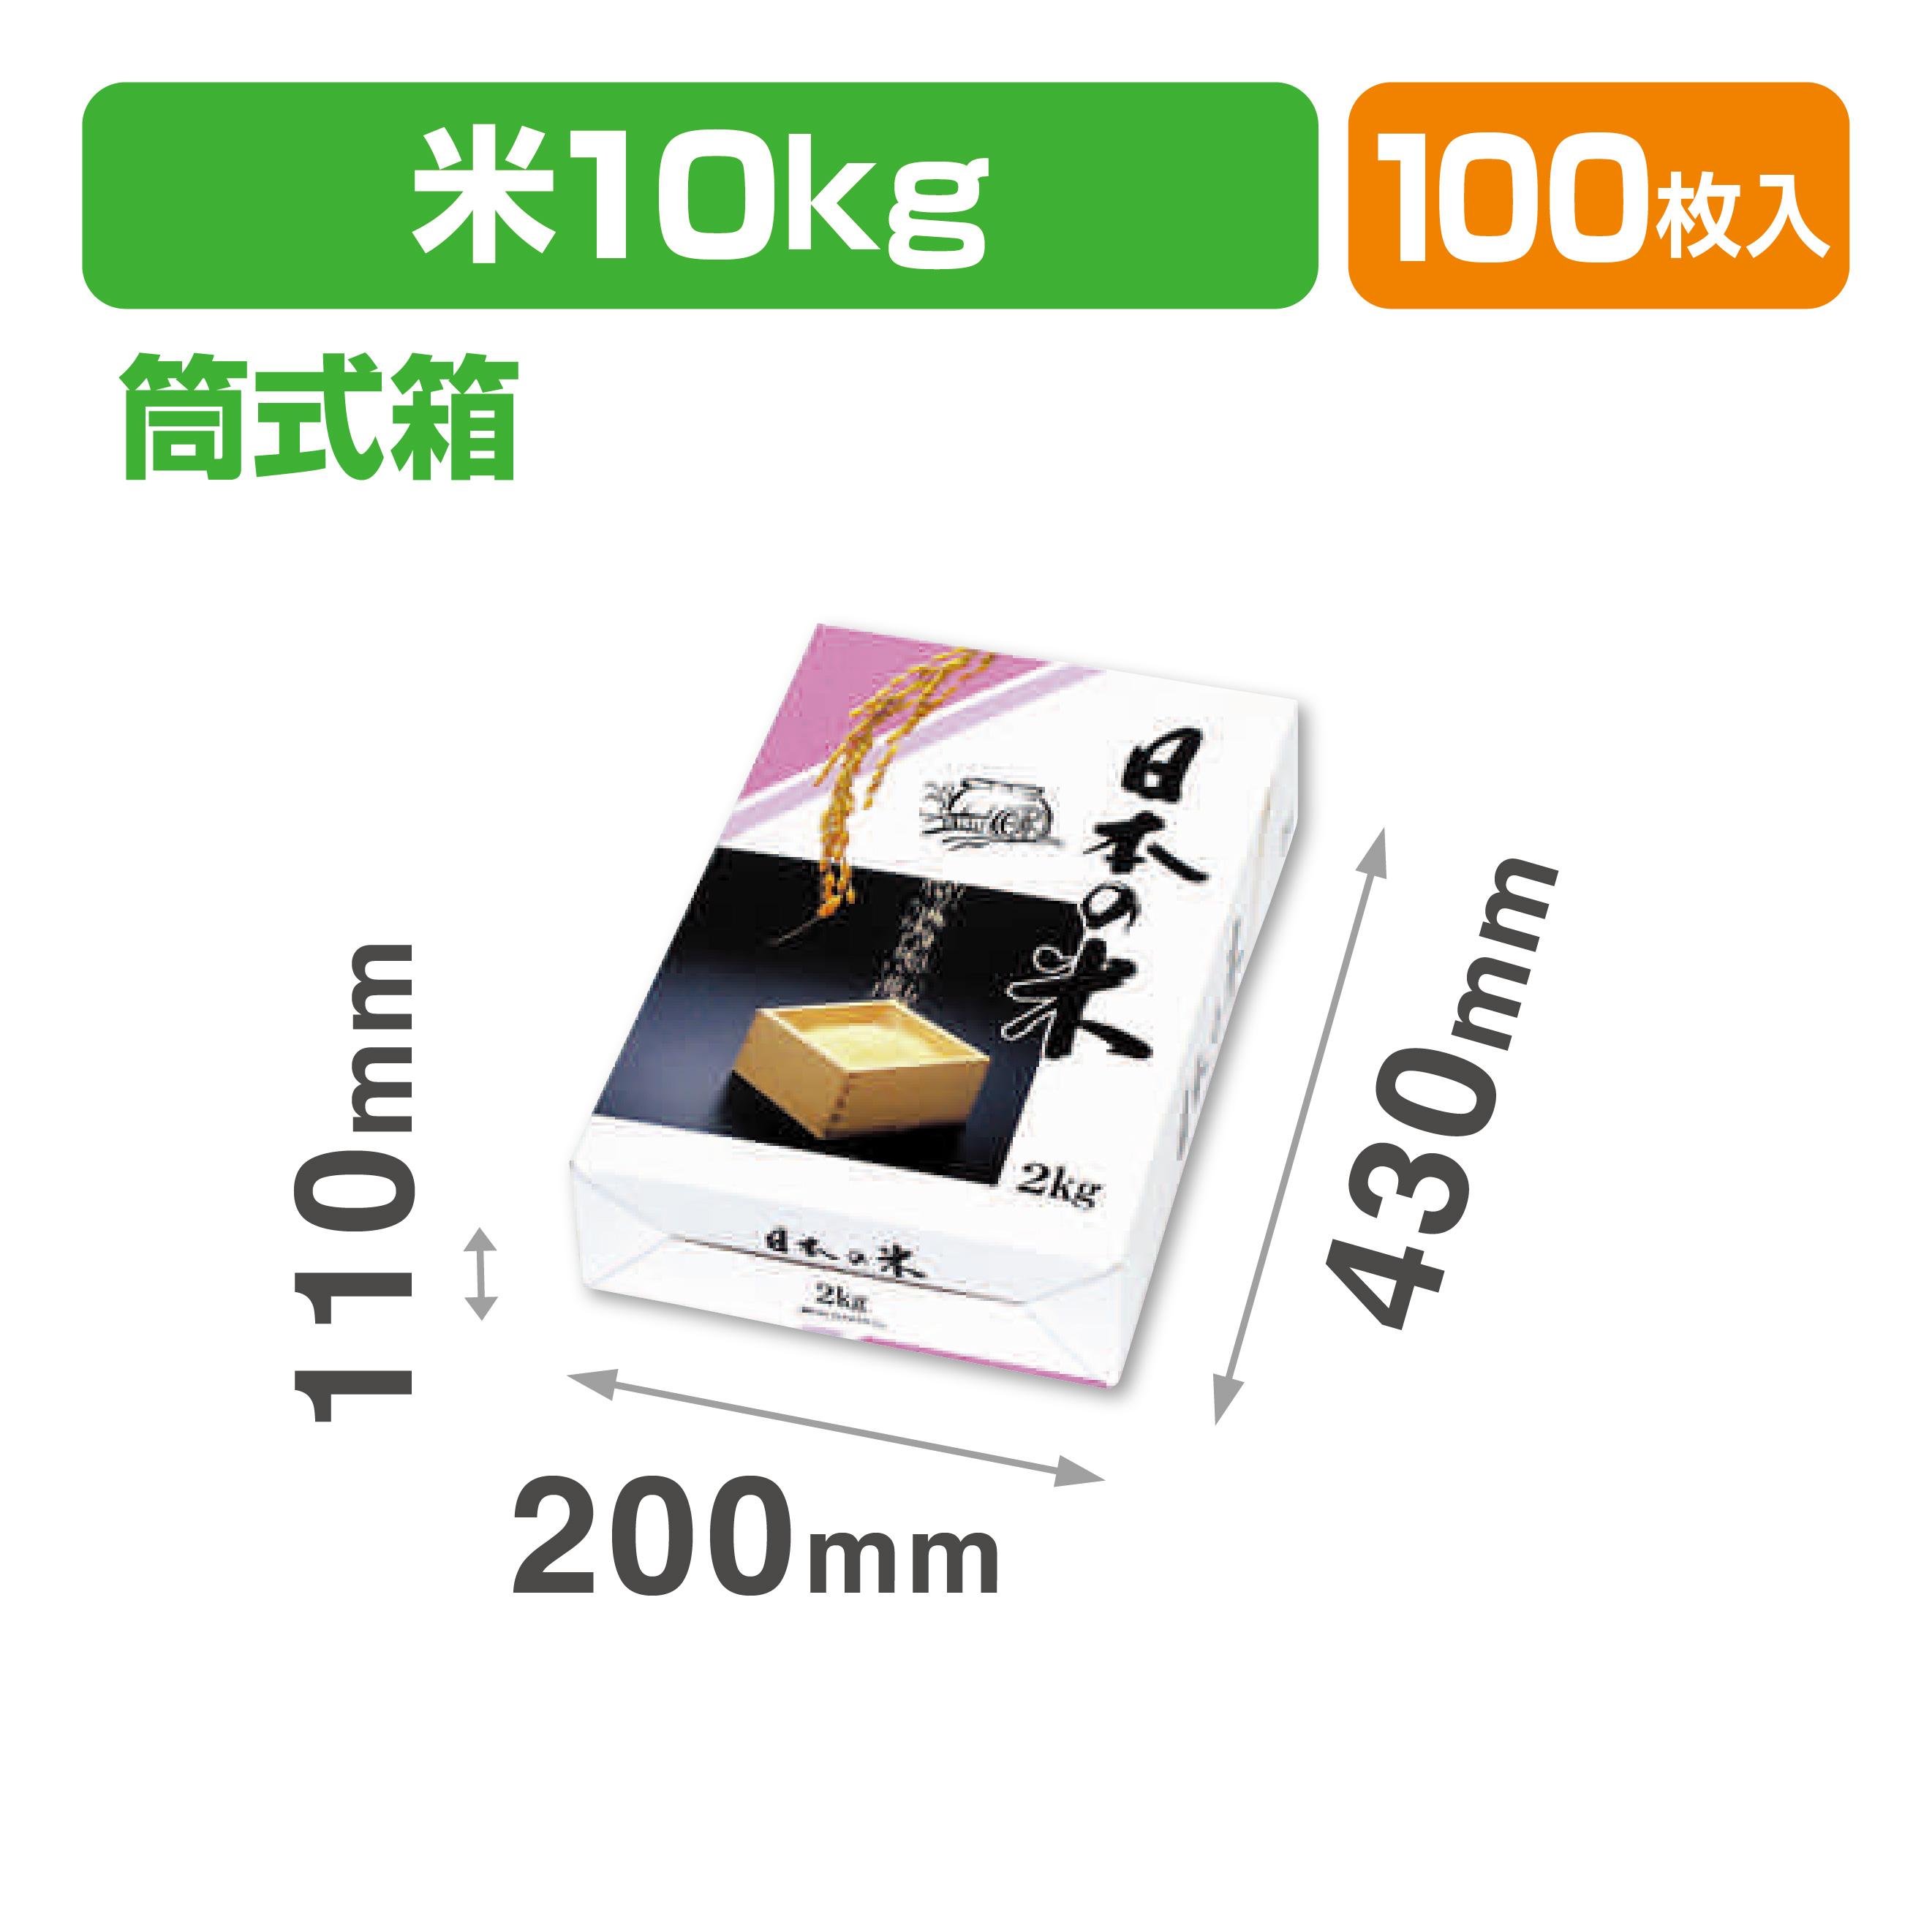 日本の米10㎏